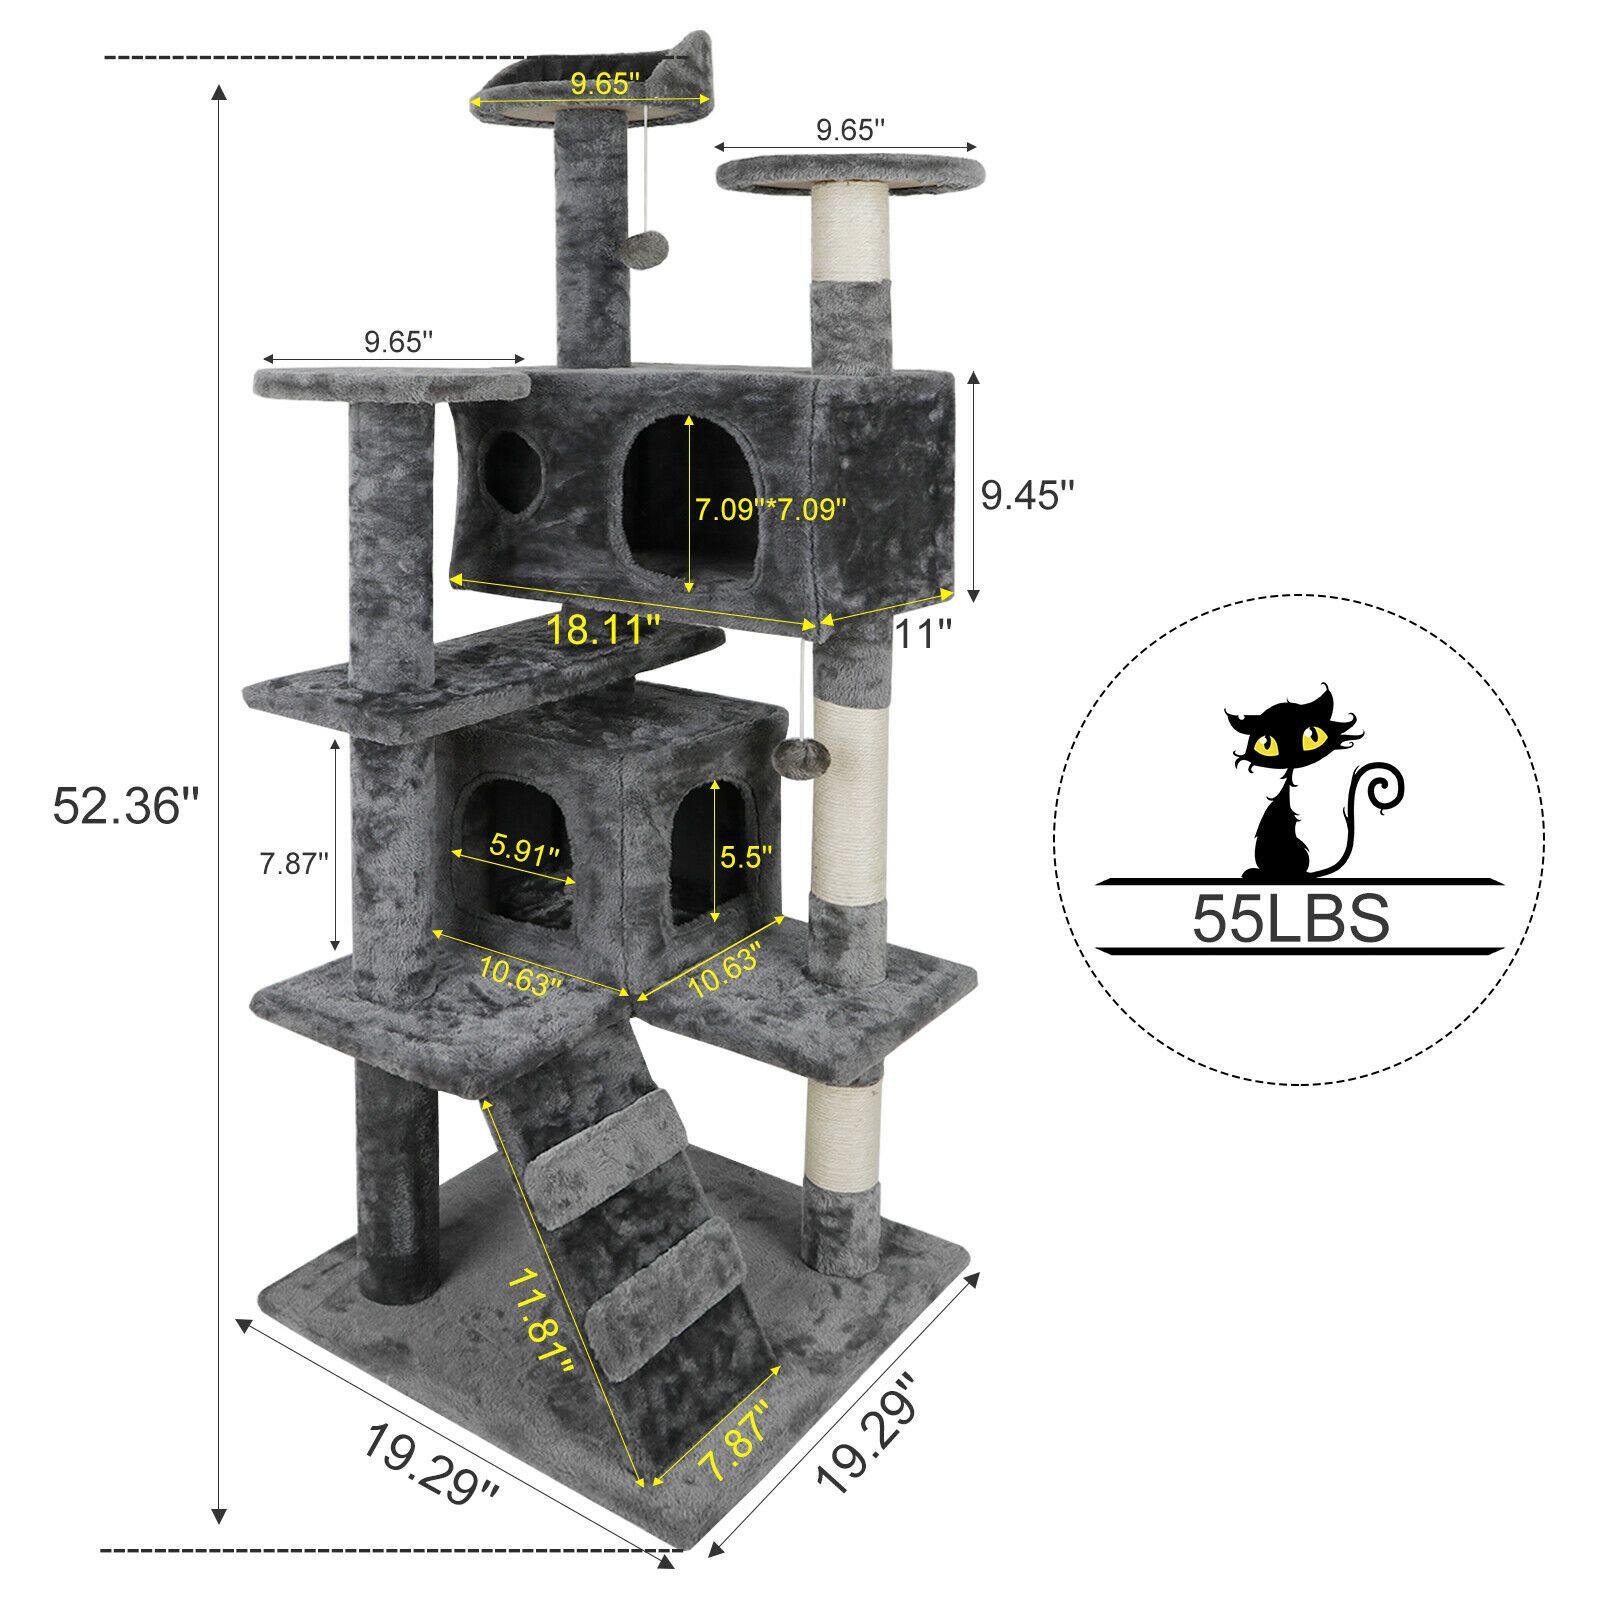 """52 """"القط شجرة آخر برج الحيوانات الأليفة كيتي الأثاث مع الخدش المشاركات سلالم"""